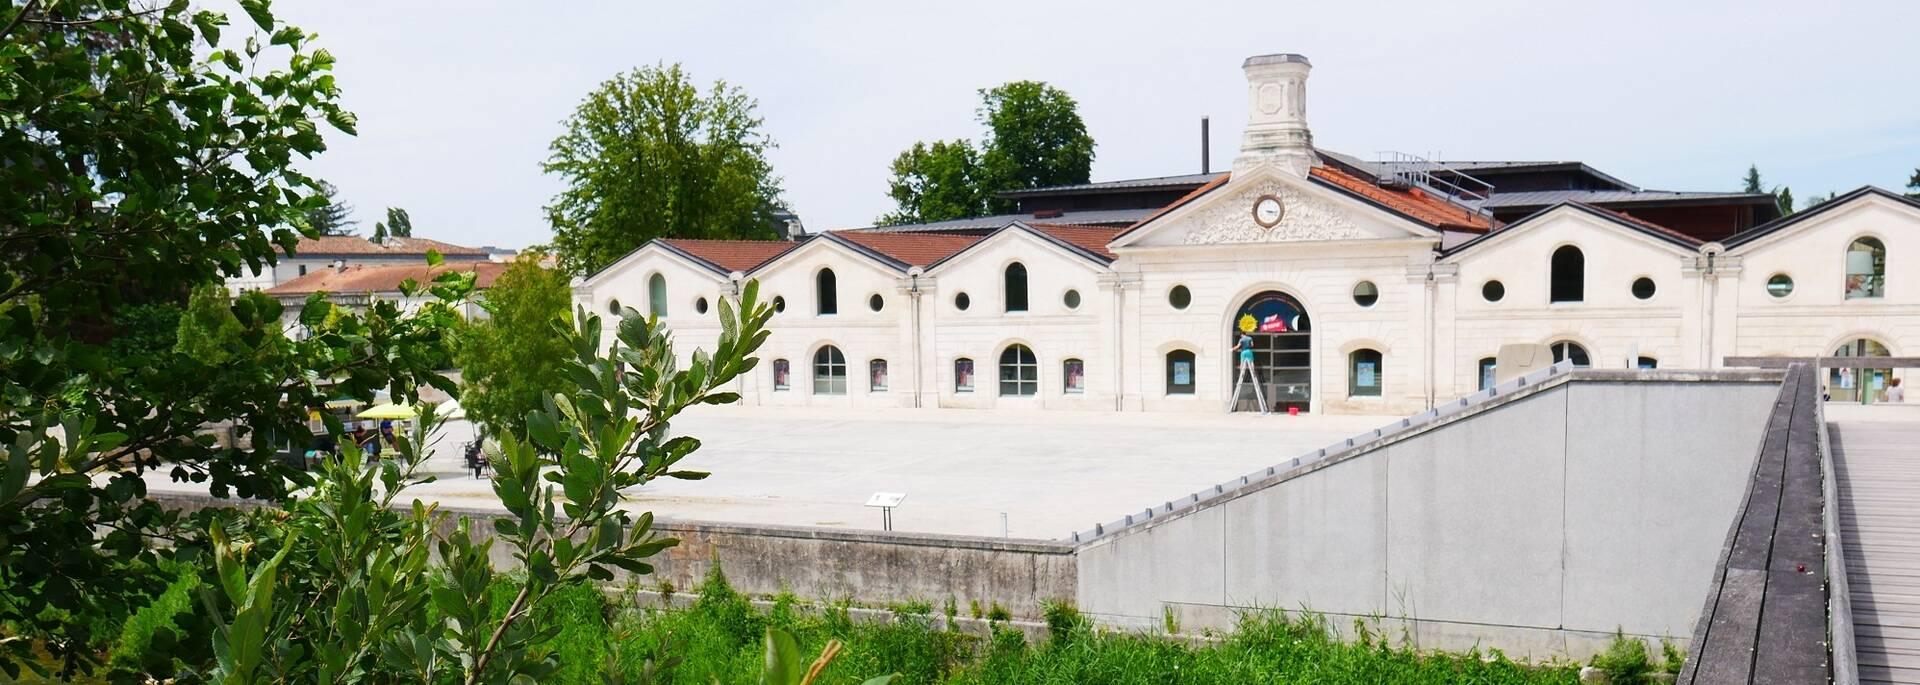 Vue sur le musée de la Bande Dessinée à Angoulême - ©P.Migaud / FDHPA17